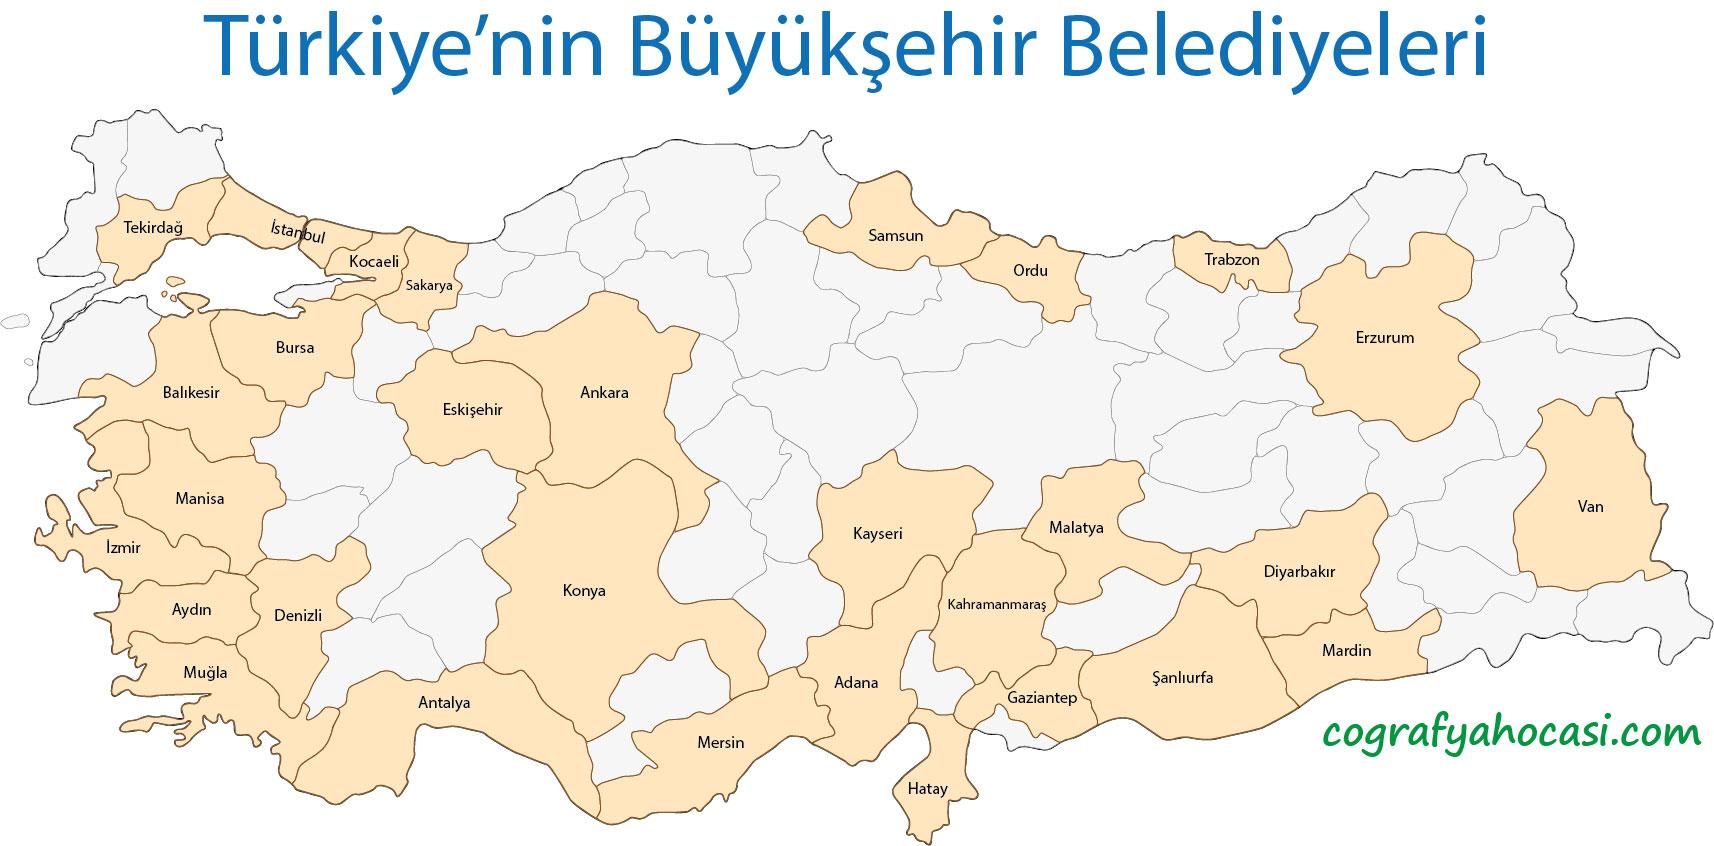 Türkiye'nin Büyükşehir Belediyeleri Haritası